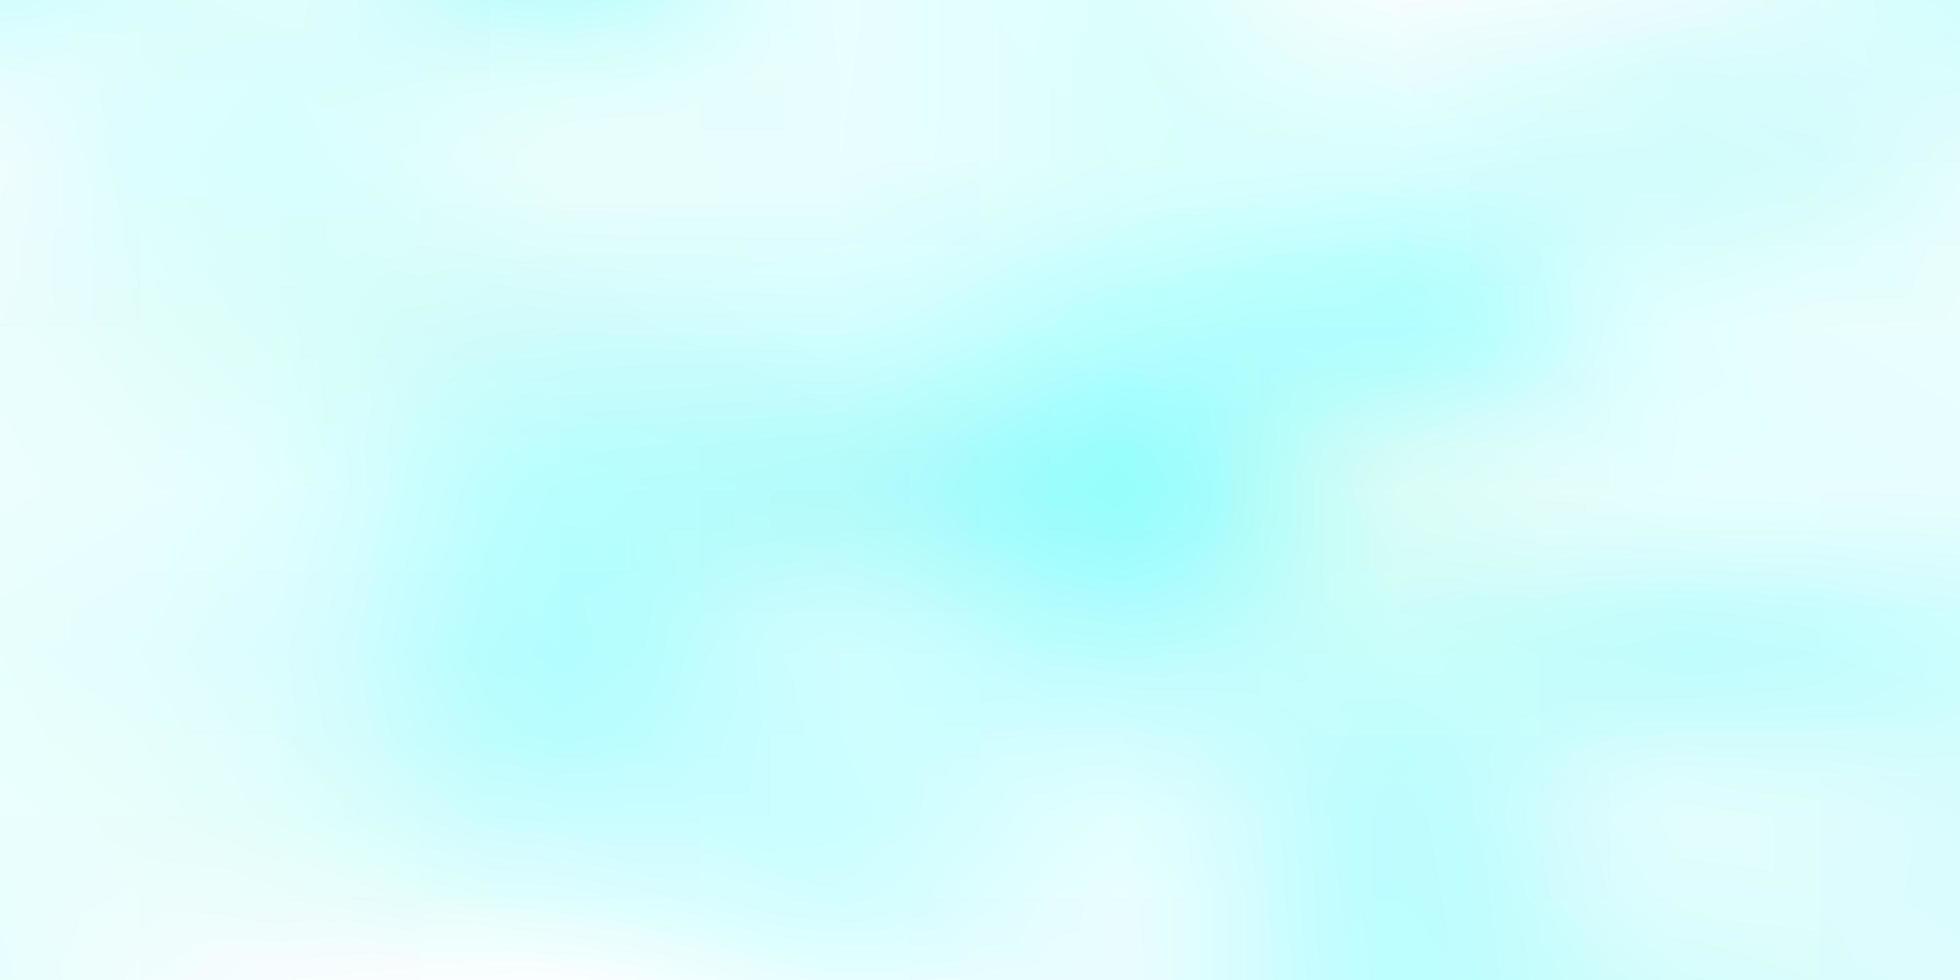 layout sfocato vettoriale blu chiaro.